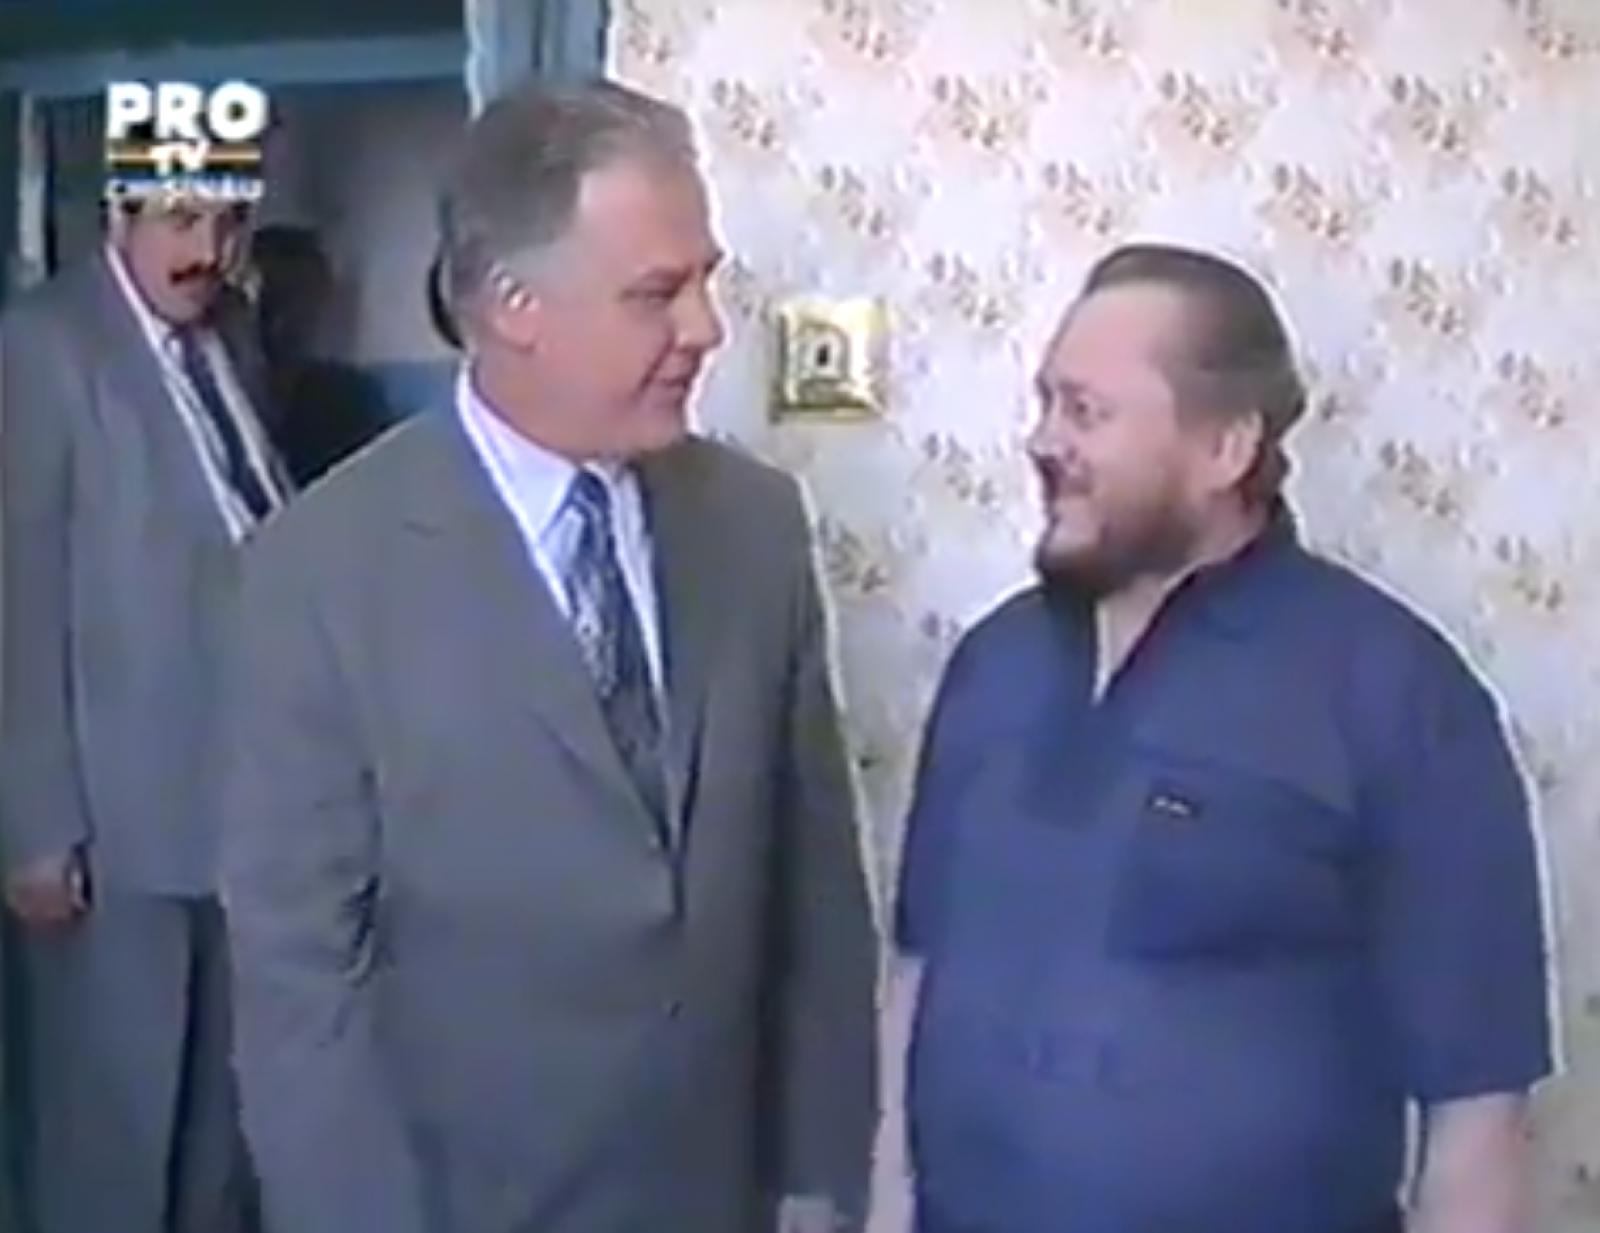 (remember/video) Ilie Ilașcu vs. Dumitru Diacov. Dialogul aproape neverosimil din închisoarea de la Tiraspol dintre fostul deținut politic și fostul președinte al Parlamentului